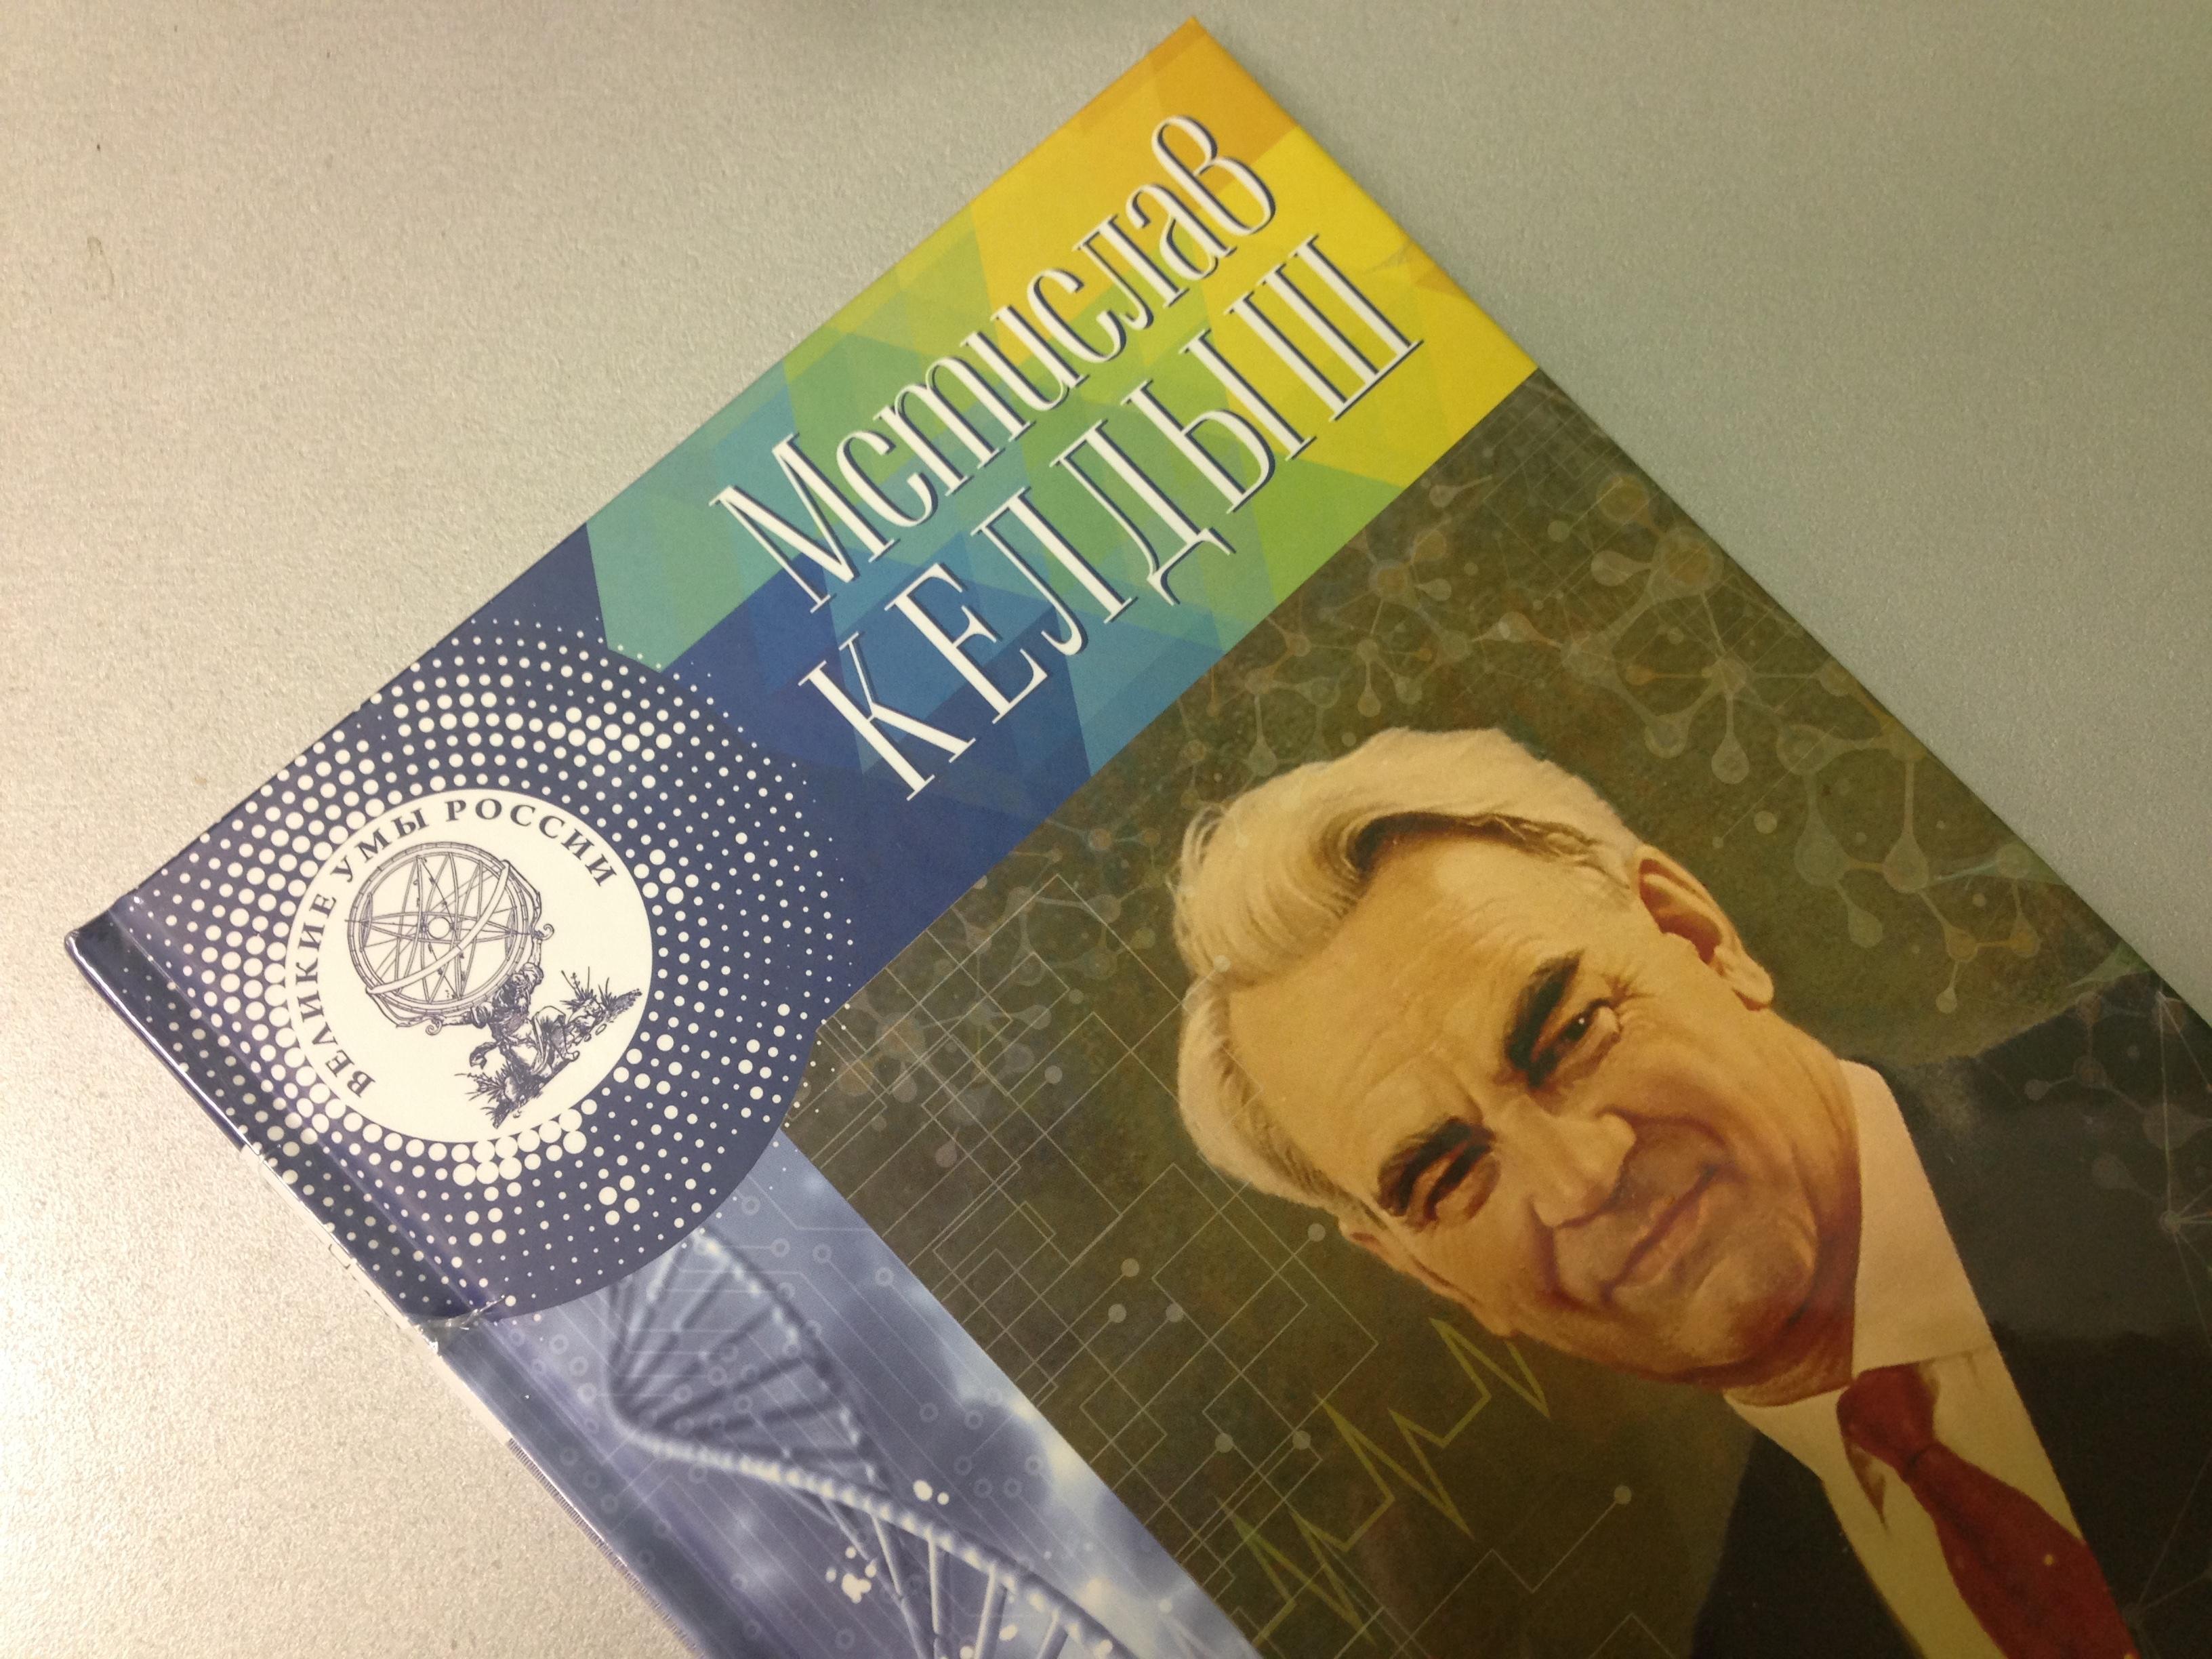 Книгу уже можно найти в киосках печати.